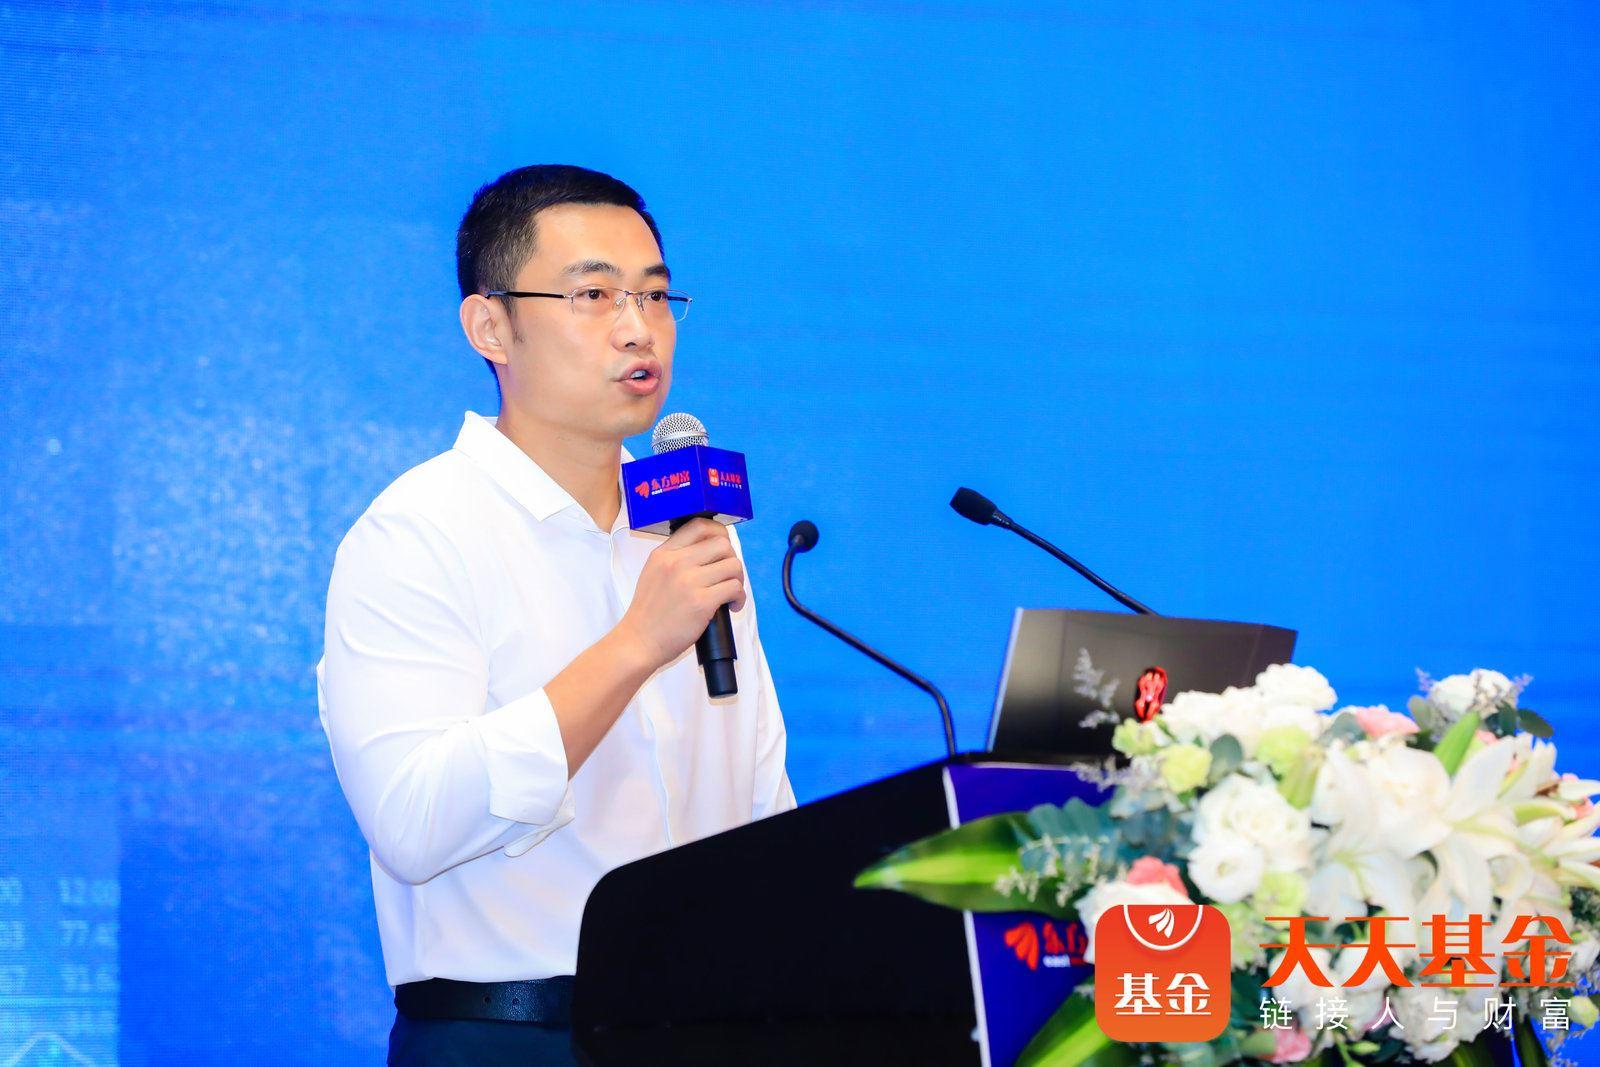 中融基金指数投资执行总经理赵菲:国内SmartBeta产品将迎来爆发式增长